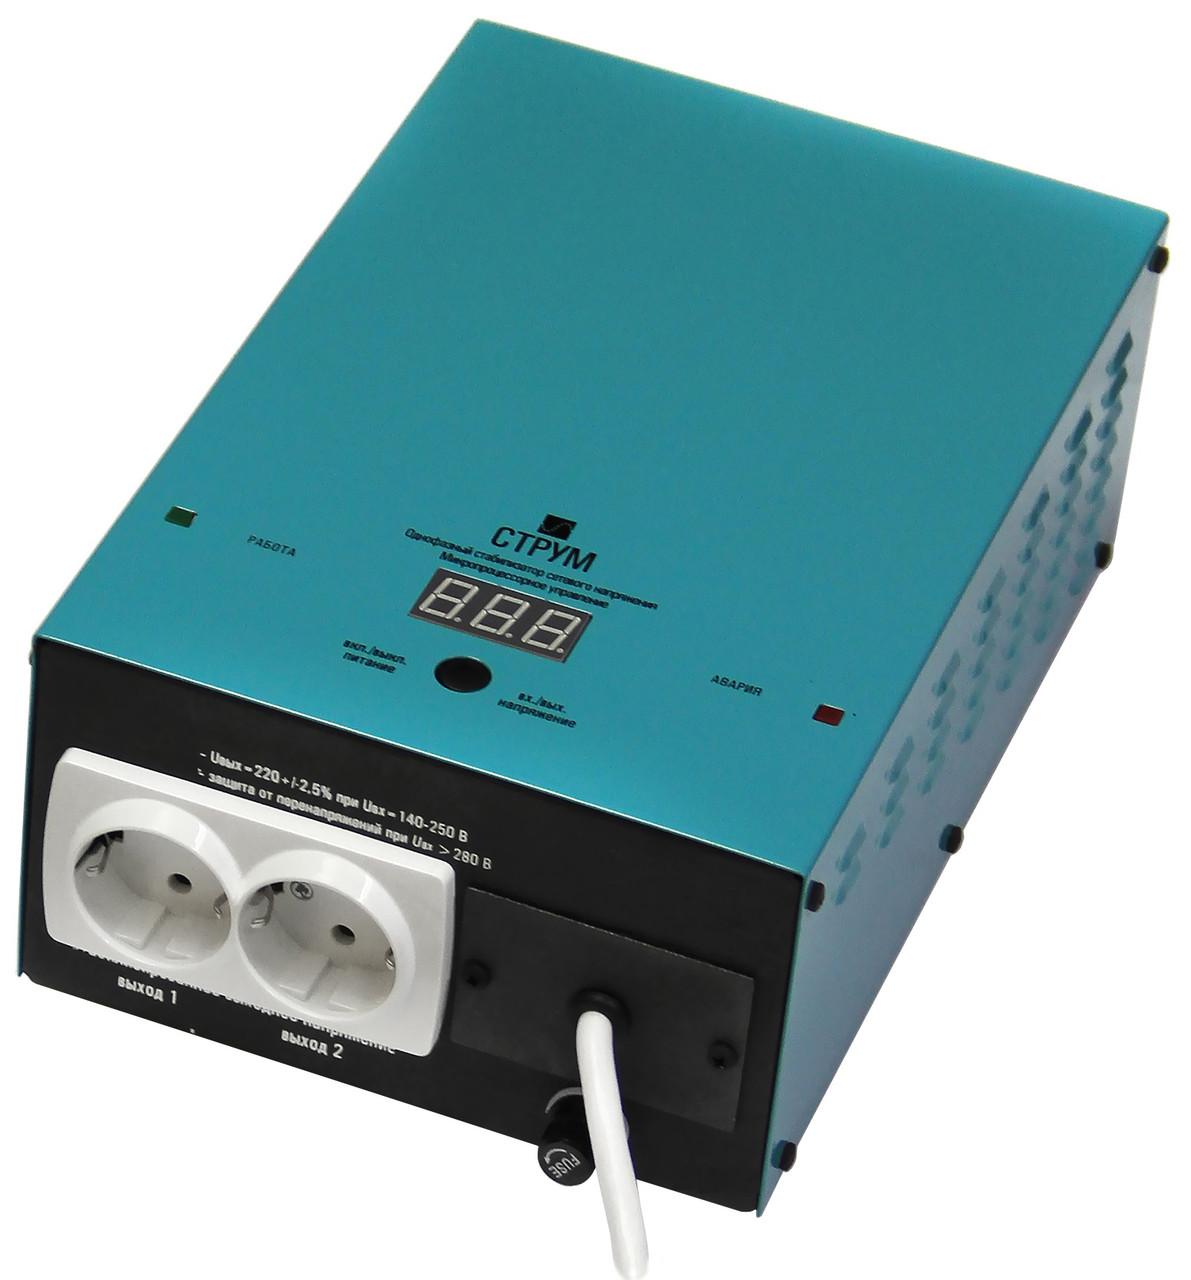 Стабилизатор напряжения Струм СтР-2000 (2 кВт) для Котла, холодильника, двигателей